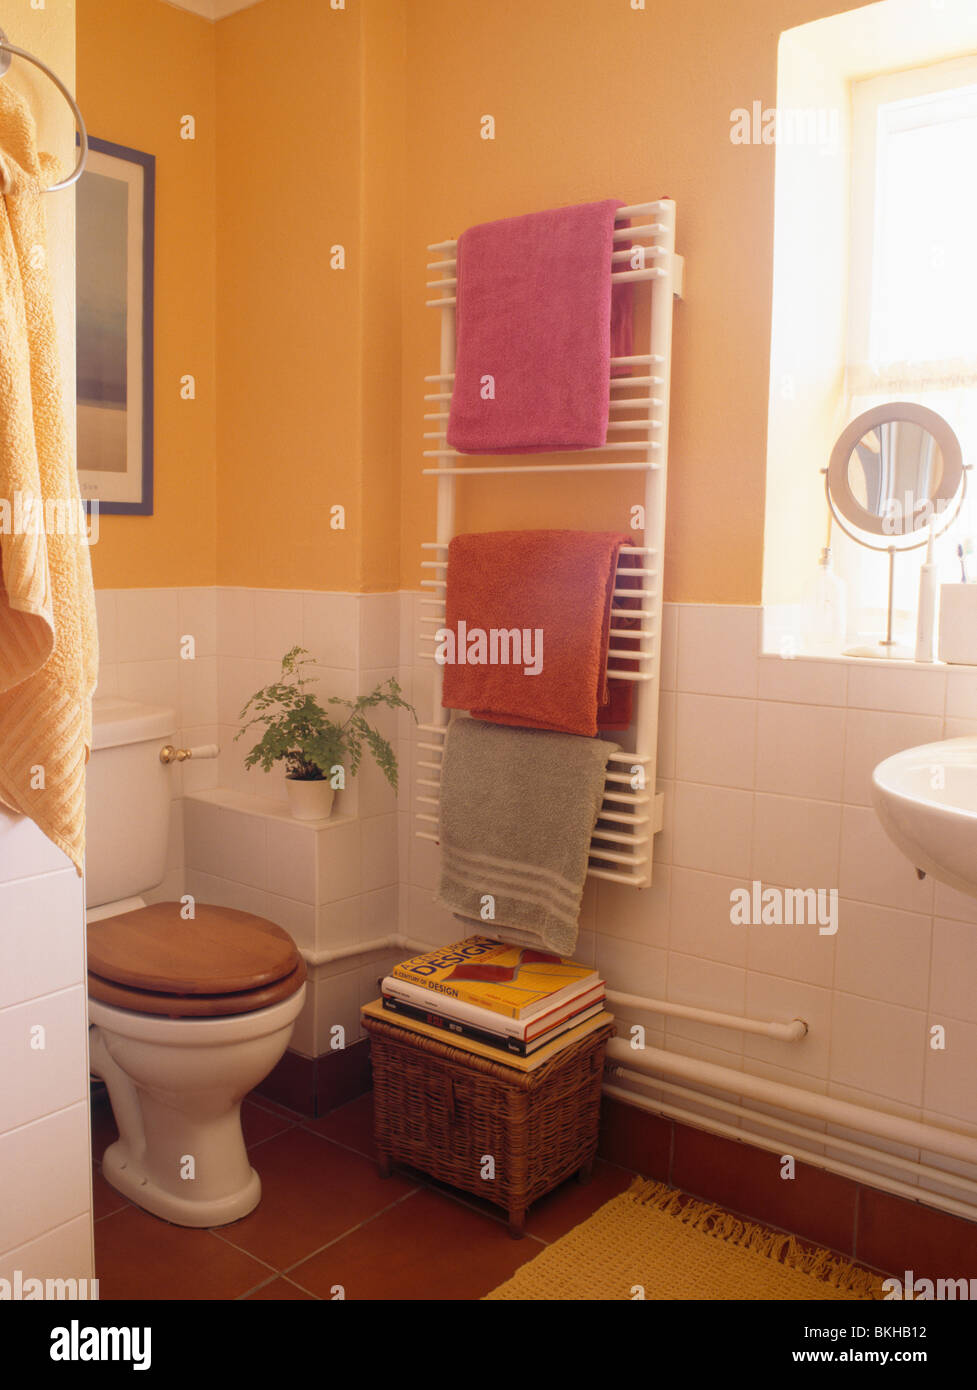 Serviettes rose sur radiateur mural à côté de toilettes avec siège ...